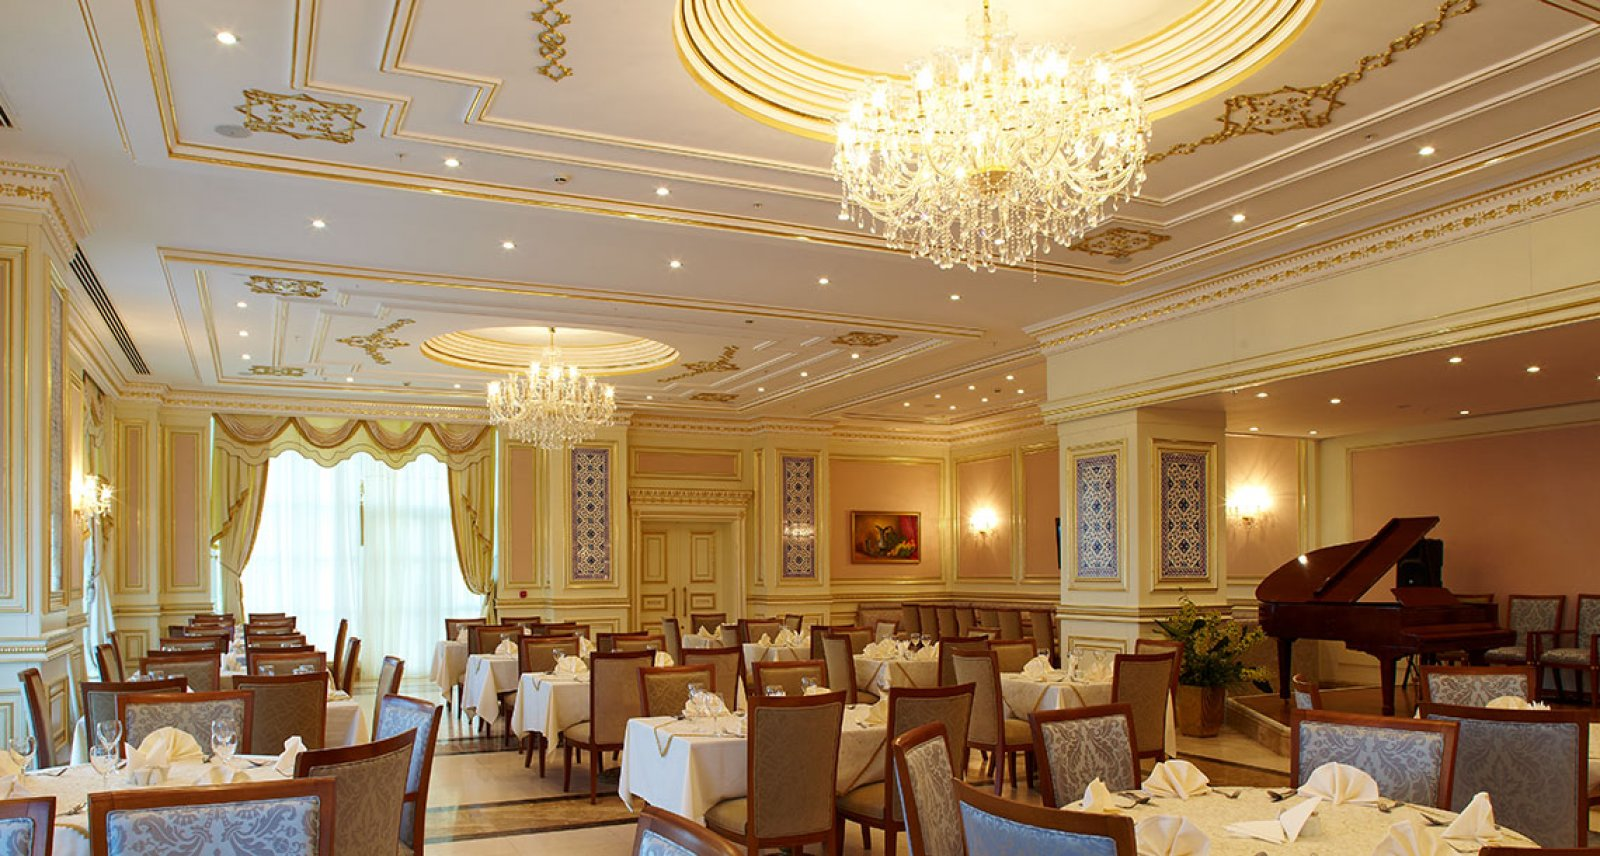 Awaza Hazine Otel, Turkmenistan